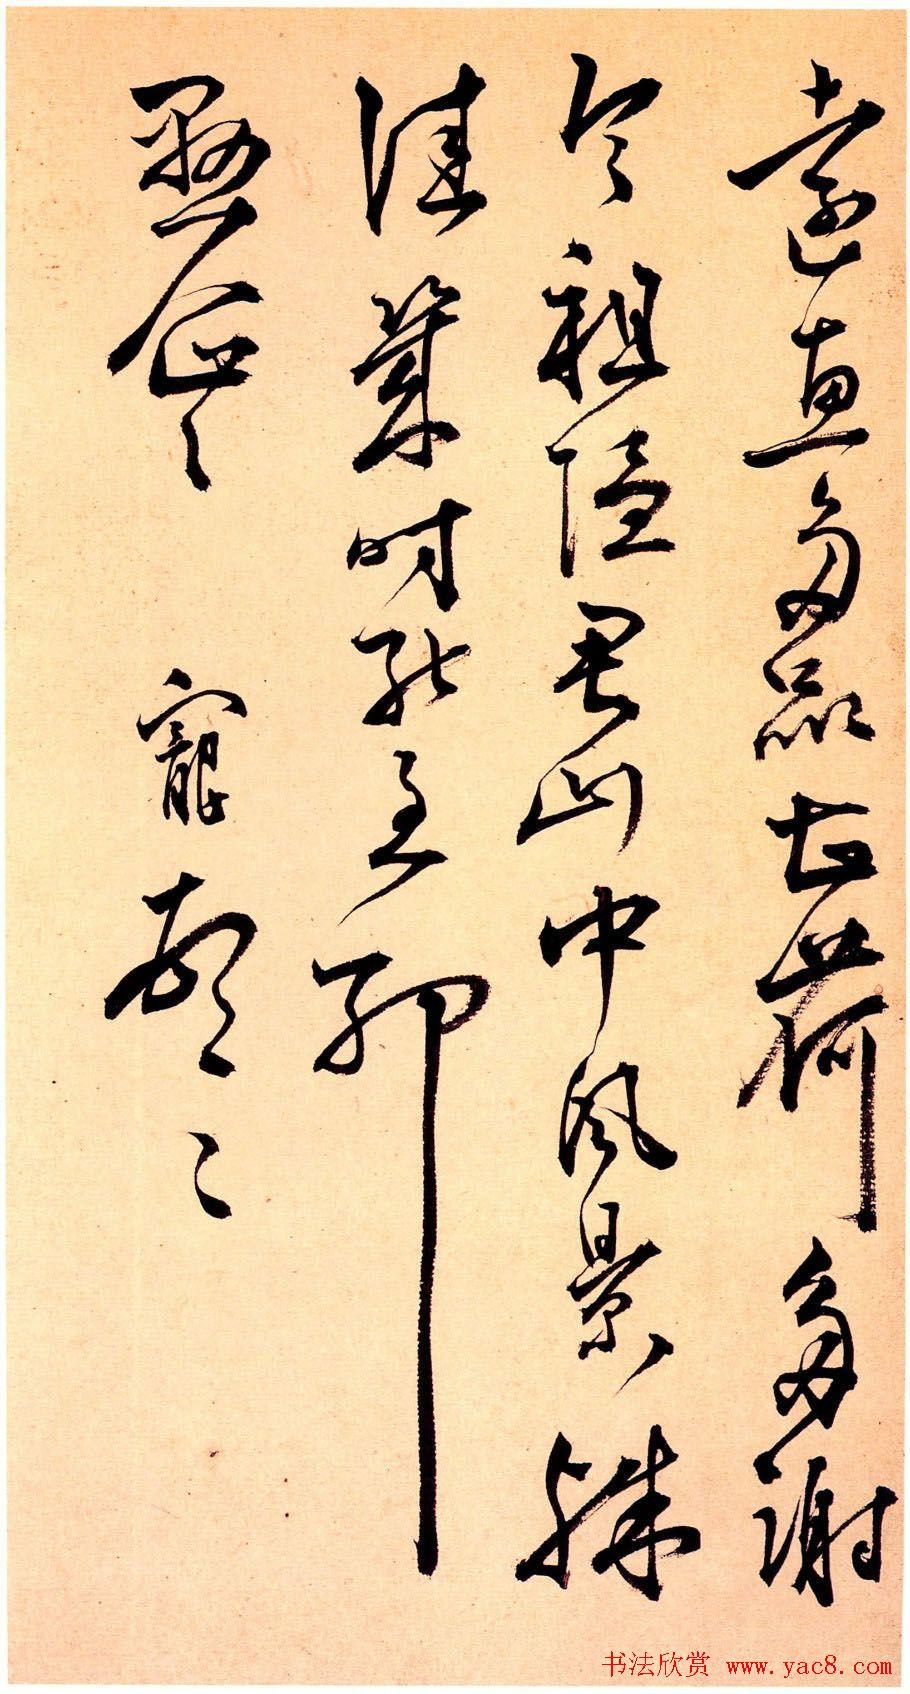 王宠行草书法欣赏《玄墓之行帖》